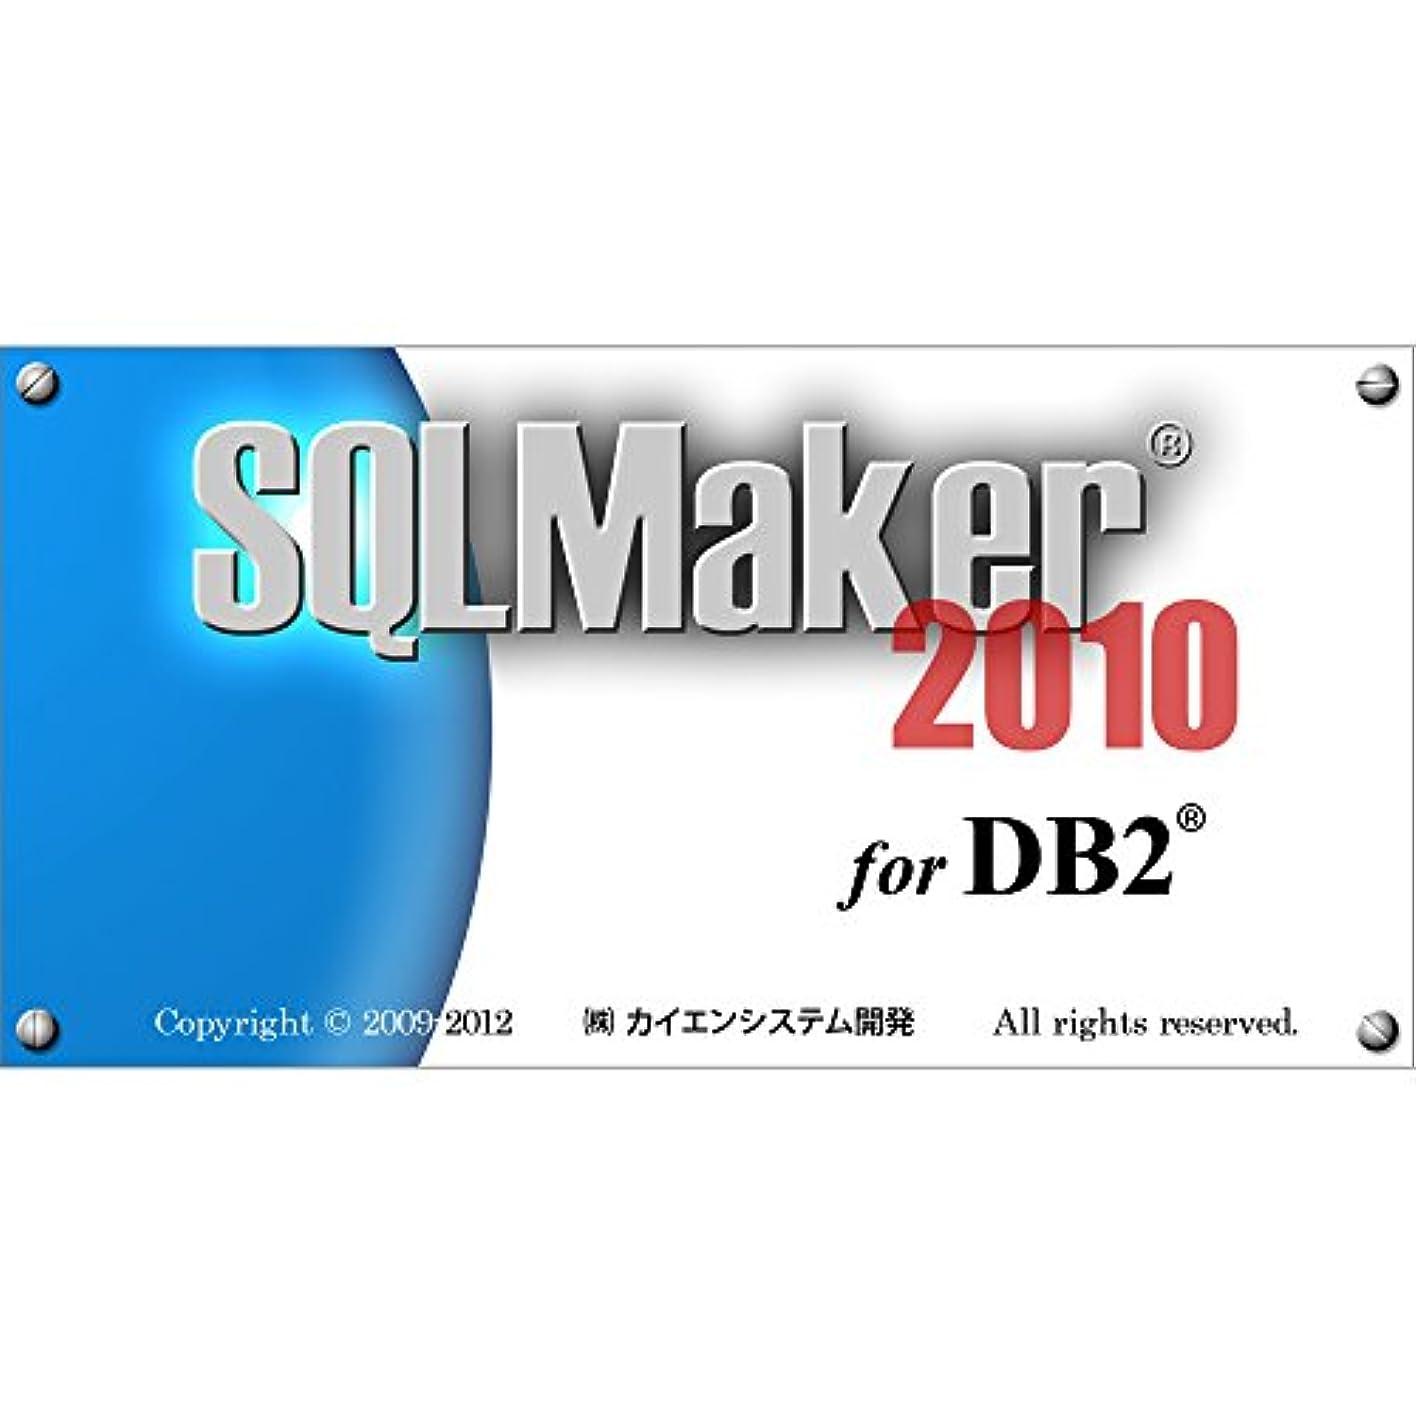 ダイヤモンド空洞正当なSQL Maker 2010 for DB2 追加5ライセンス